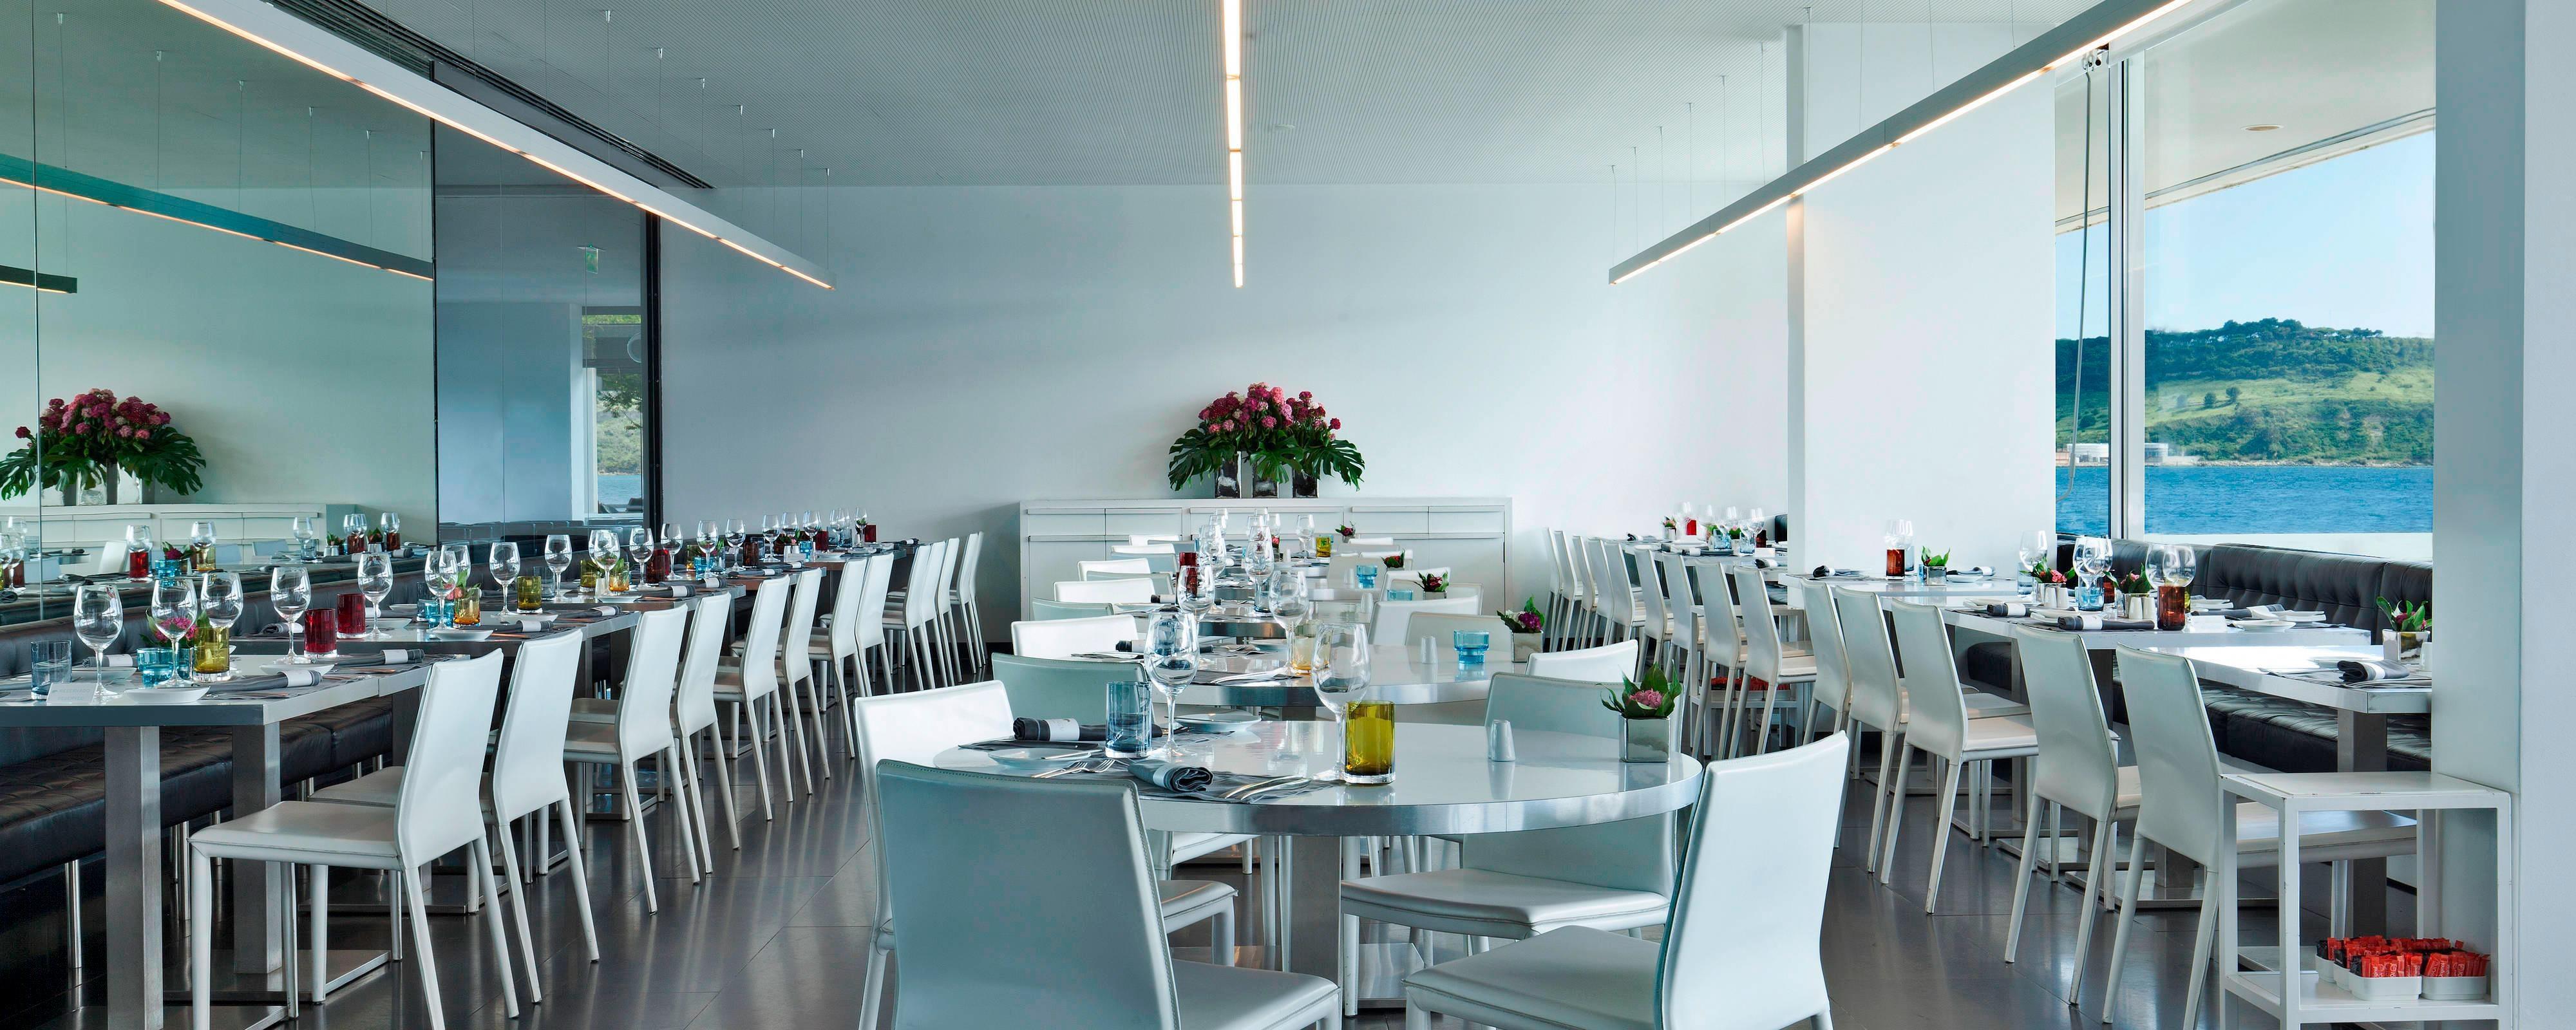 Cafeteria Mensagem Dining Area